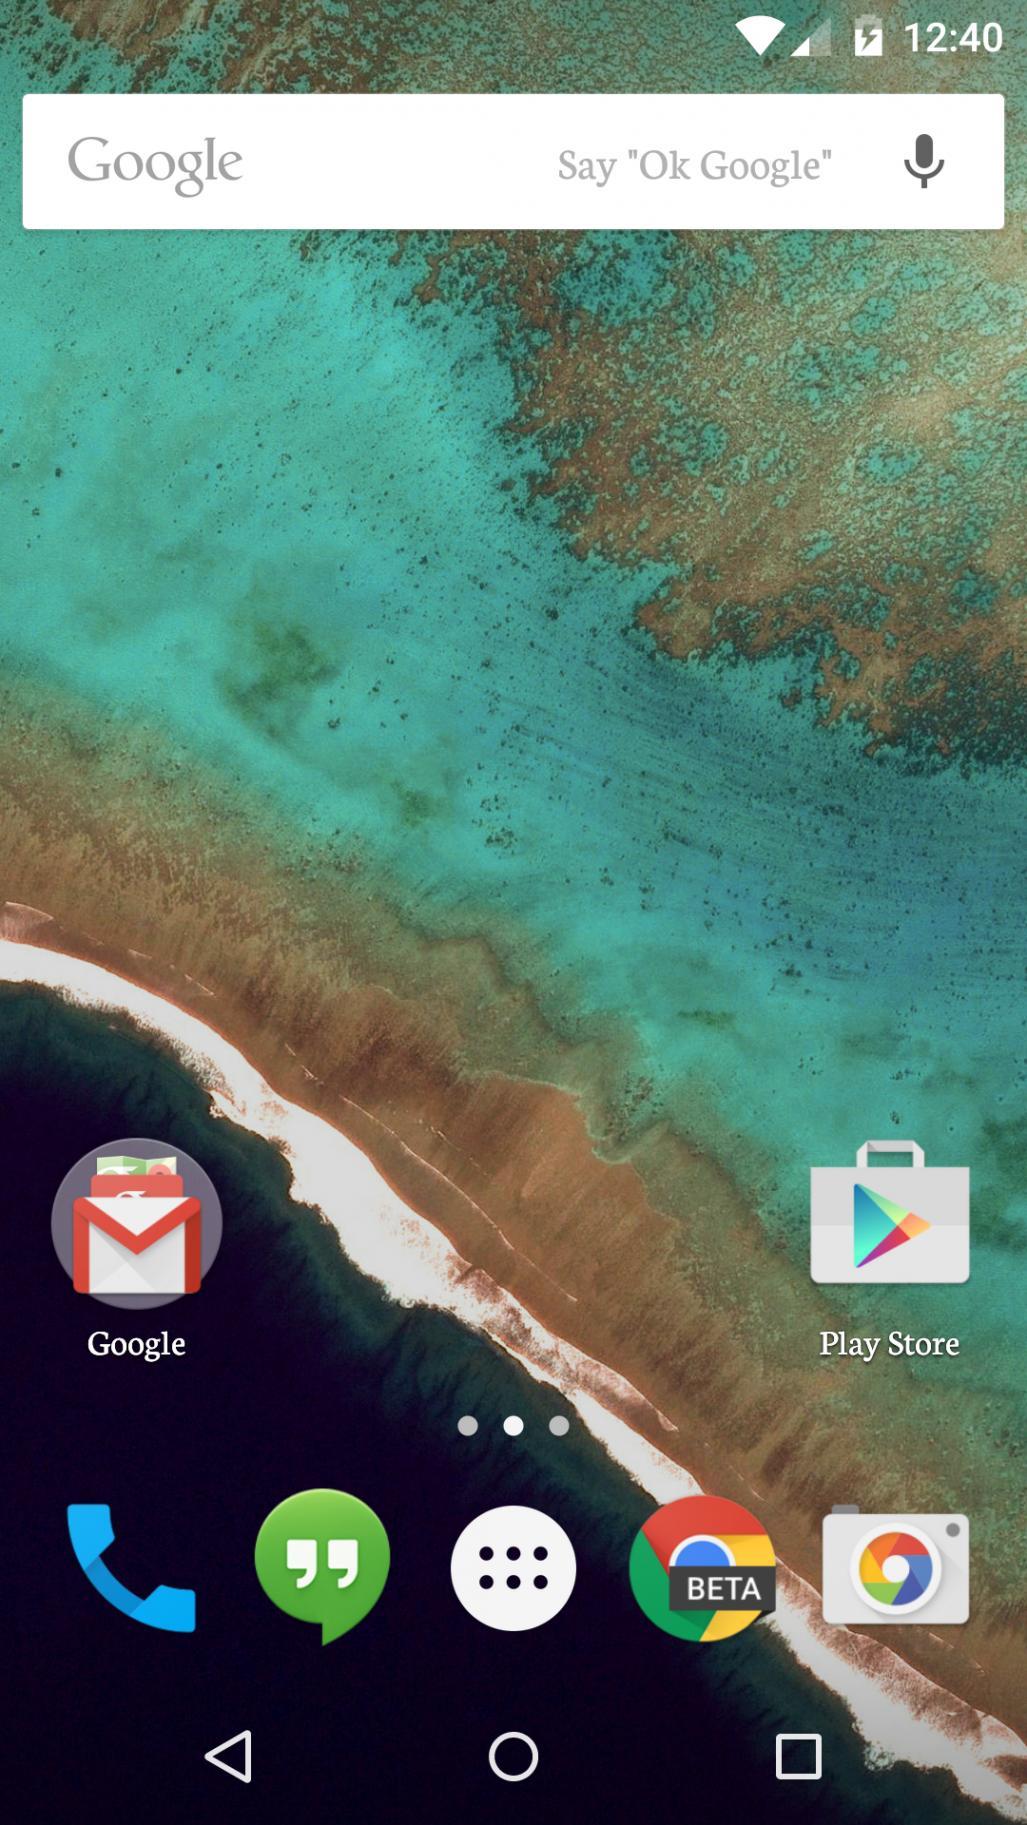 Screenshot_2014-11-13-12-41-01.jpg